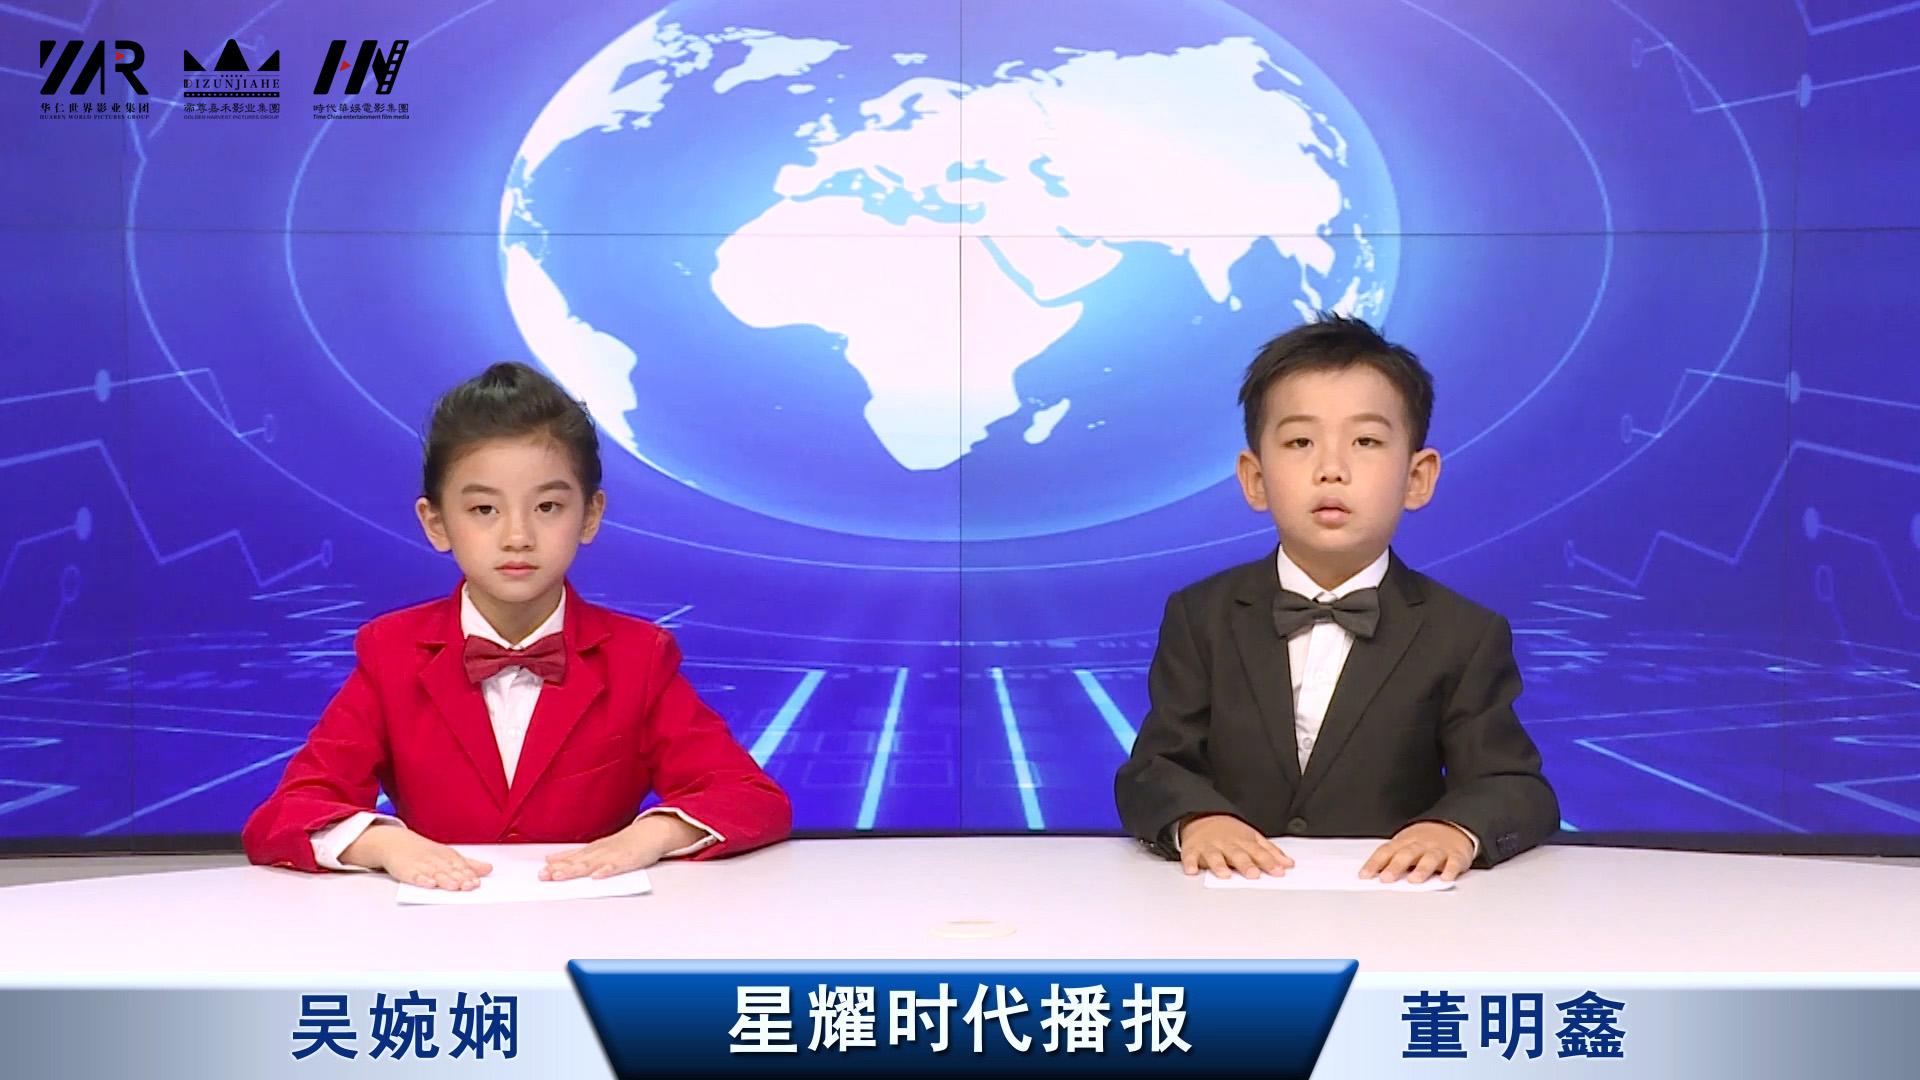 《星耀时代播报》第三十二期董明鑫&吴婉娴